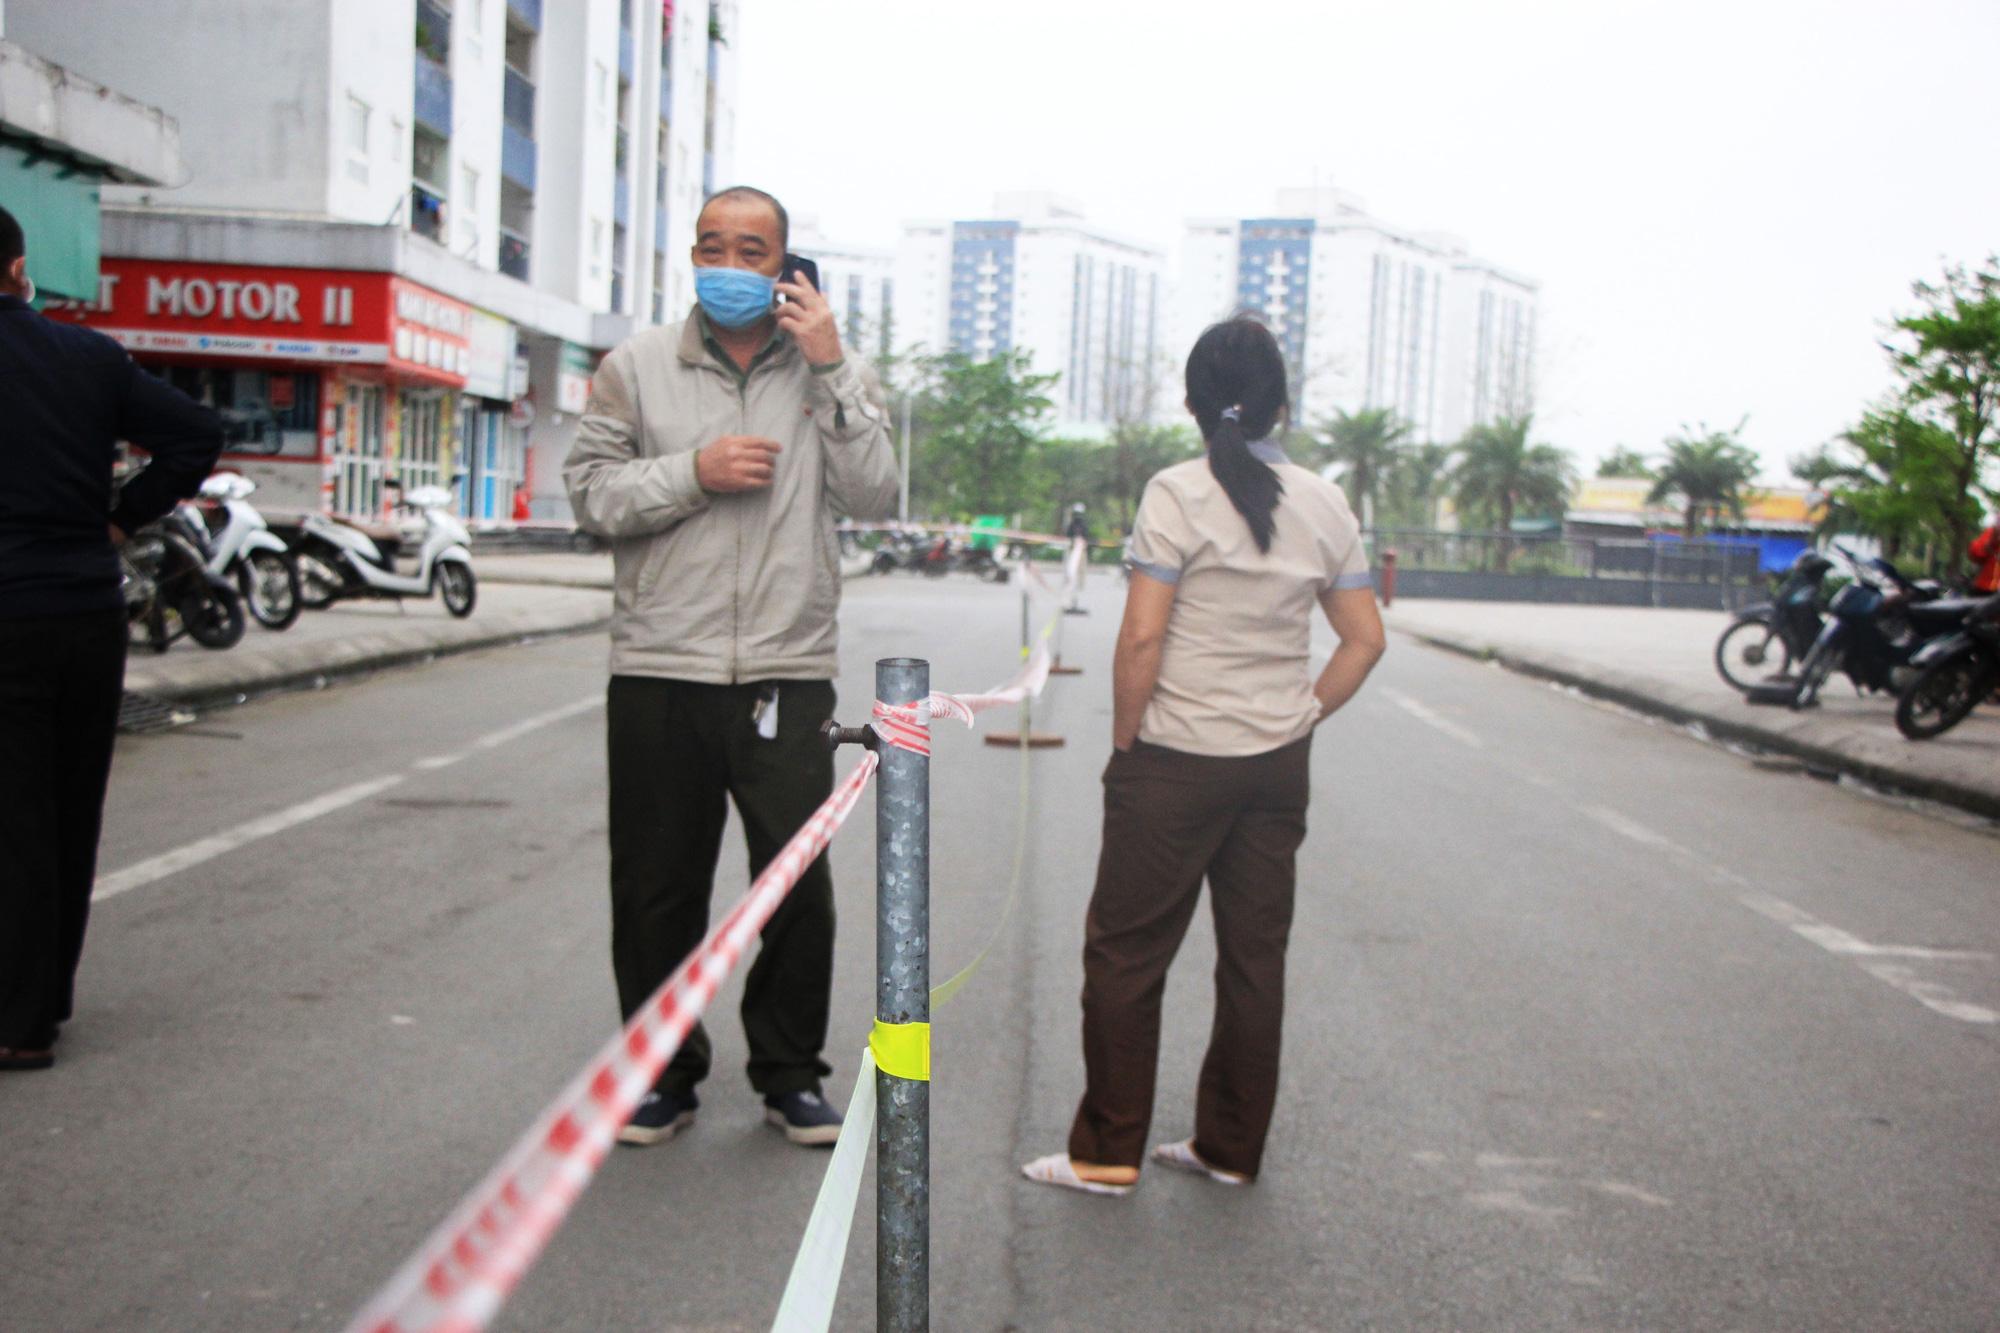 Hà Nội tạm cách li khu chung cư có người dương tính với SARS-CoV-2 - Ảnh 5.